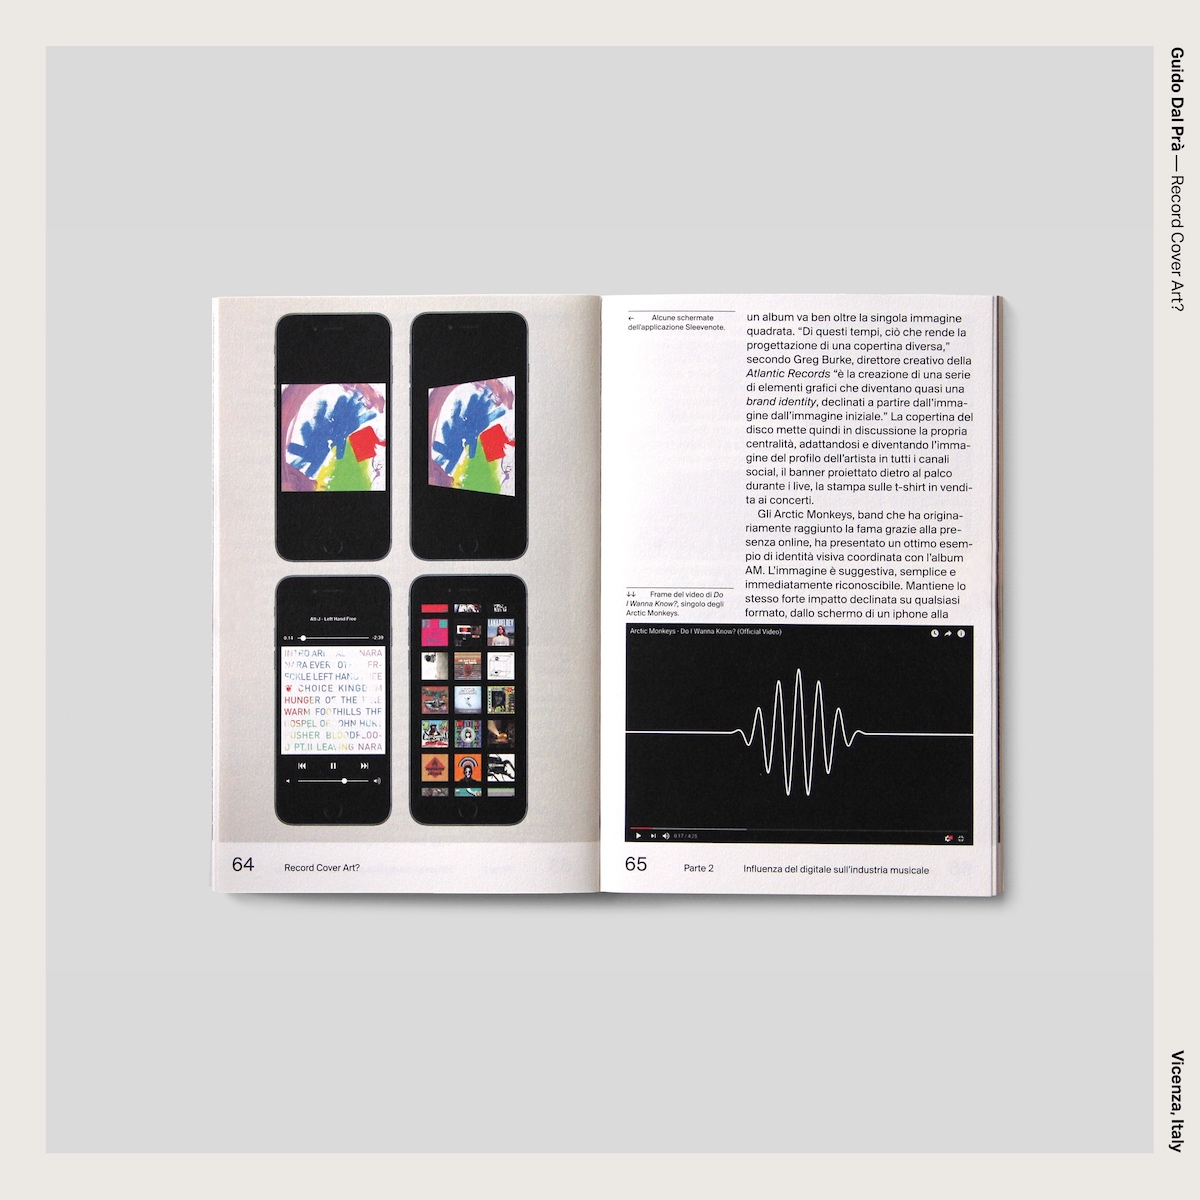 Guido Dal Prà — Record Cover Art?